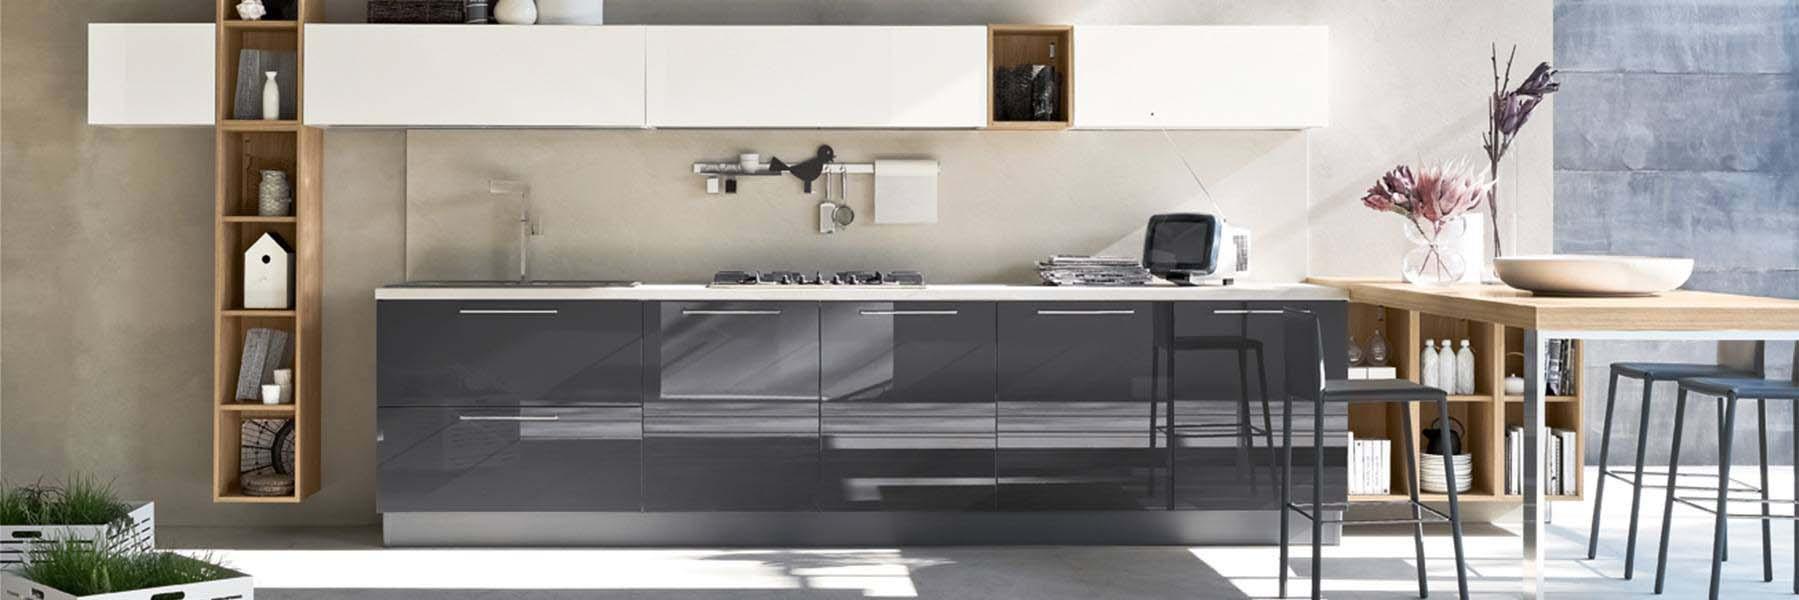 Modern Kitchens Designs Sydney | European Wardrobes Sydney